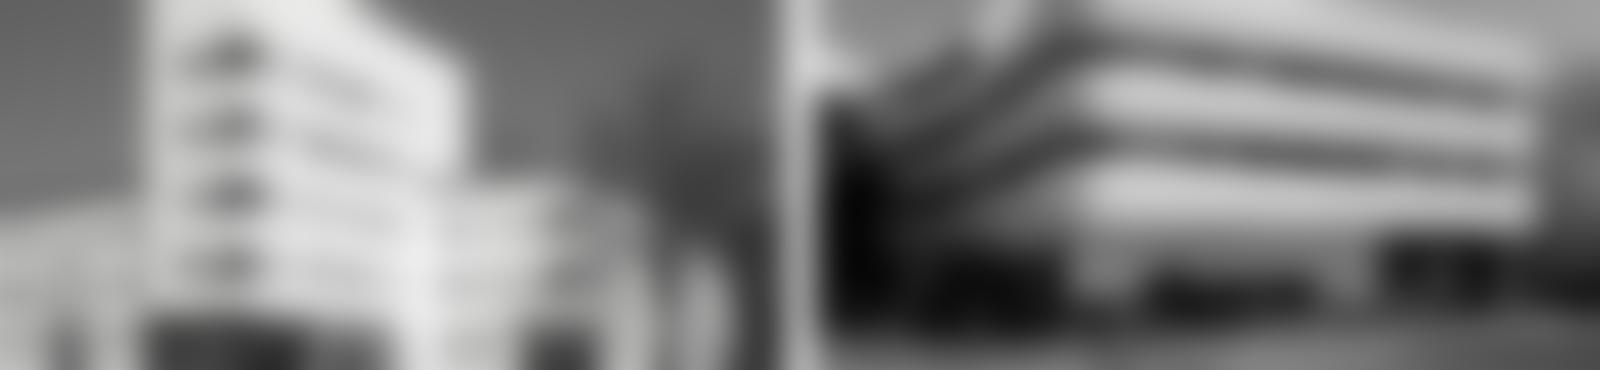 Blurred 4f93dd95 a341 442f bb51 39059c2de103